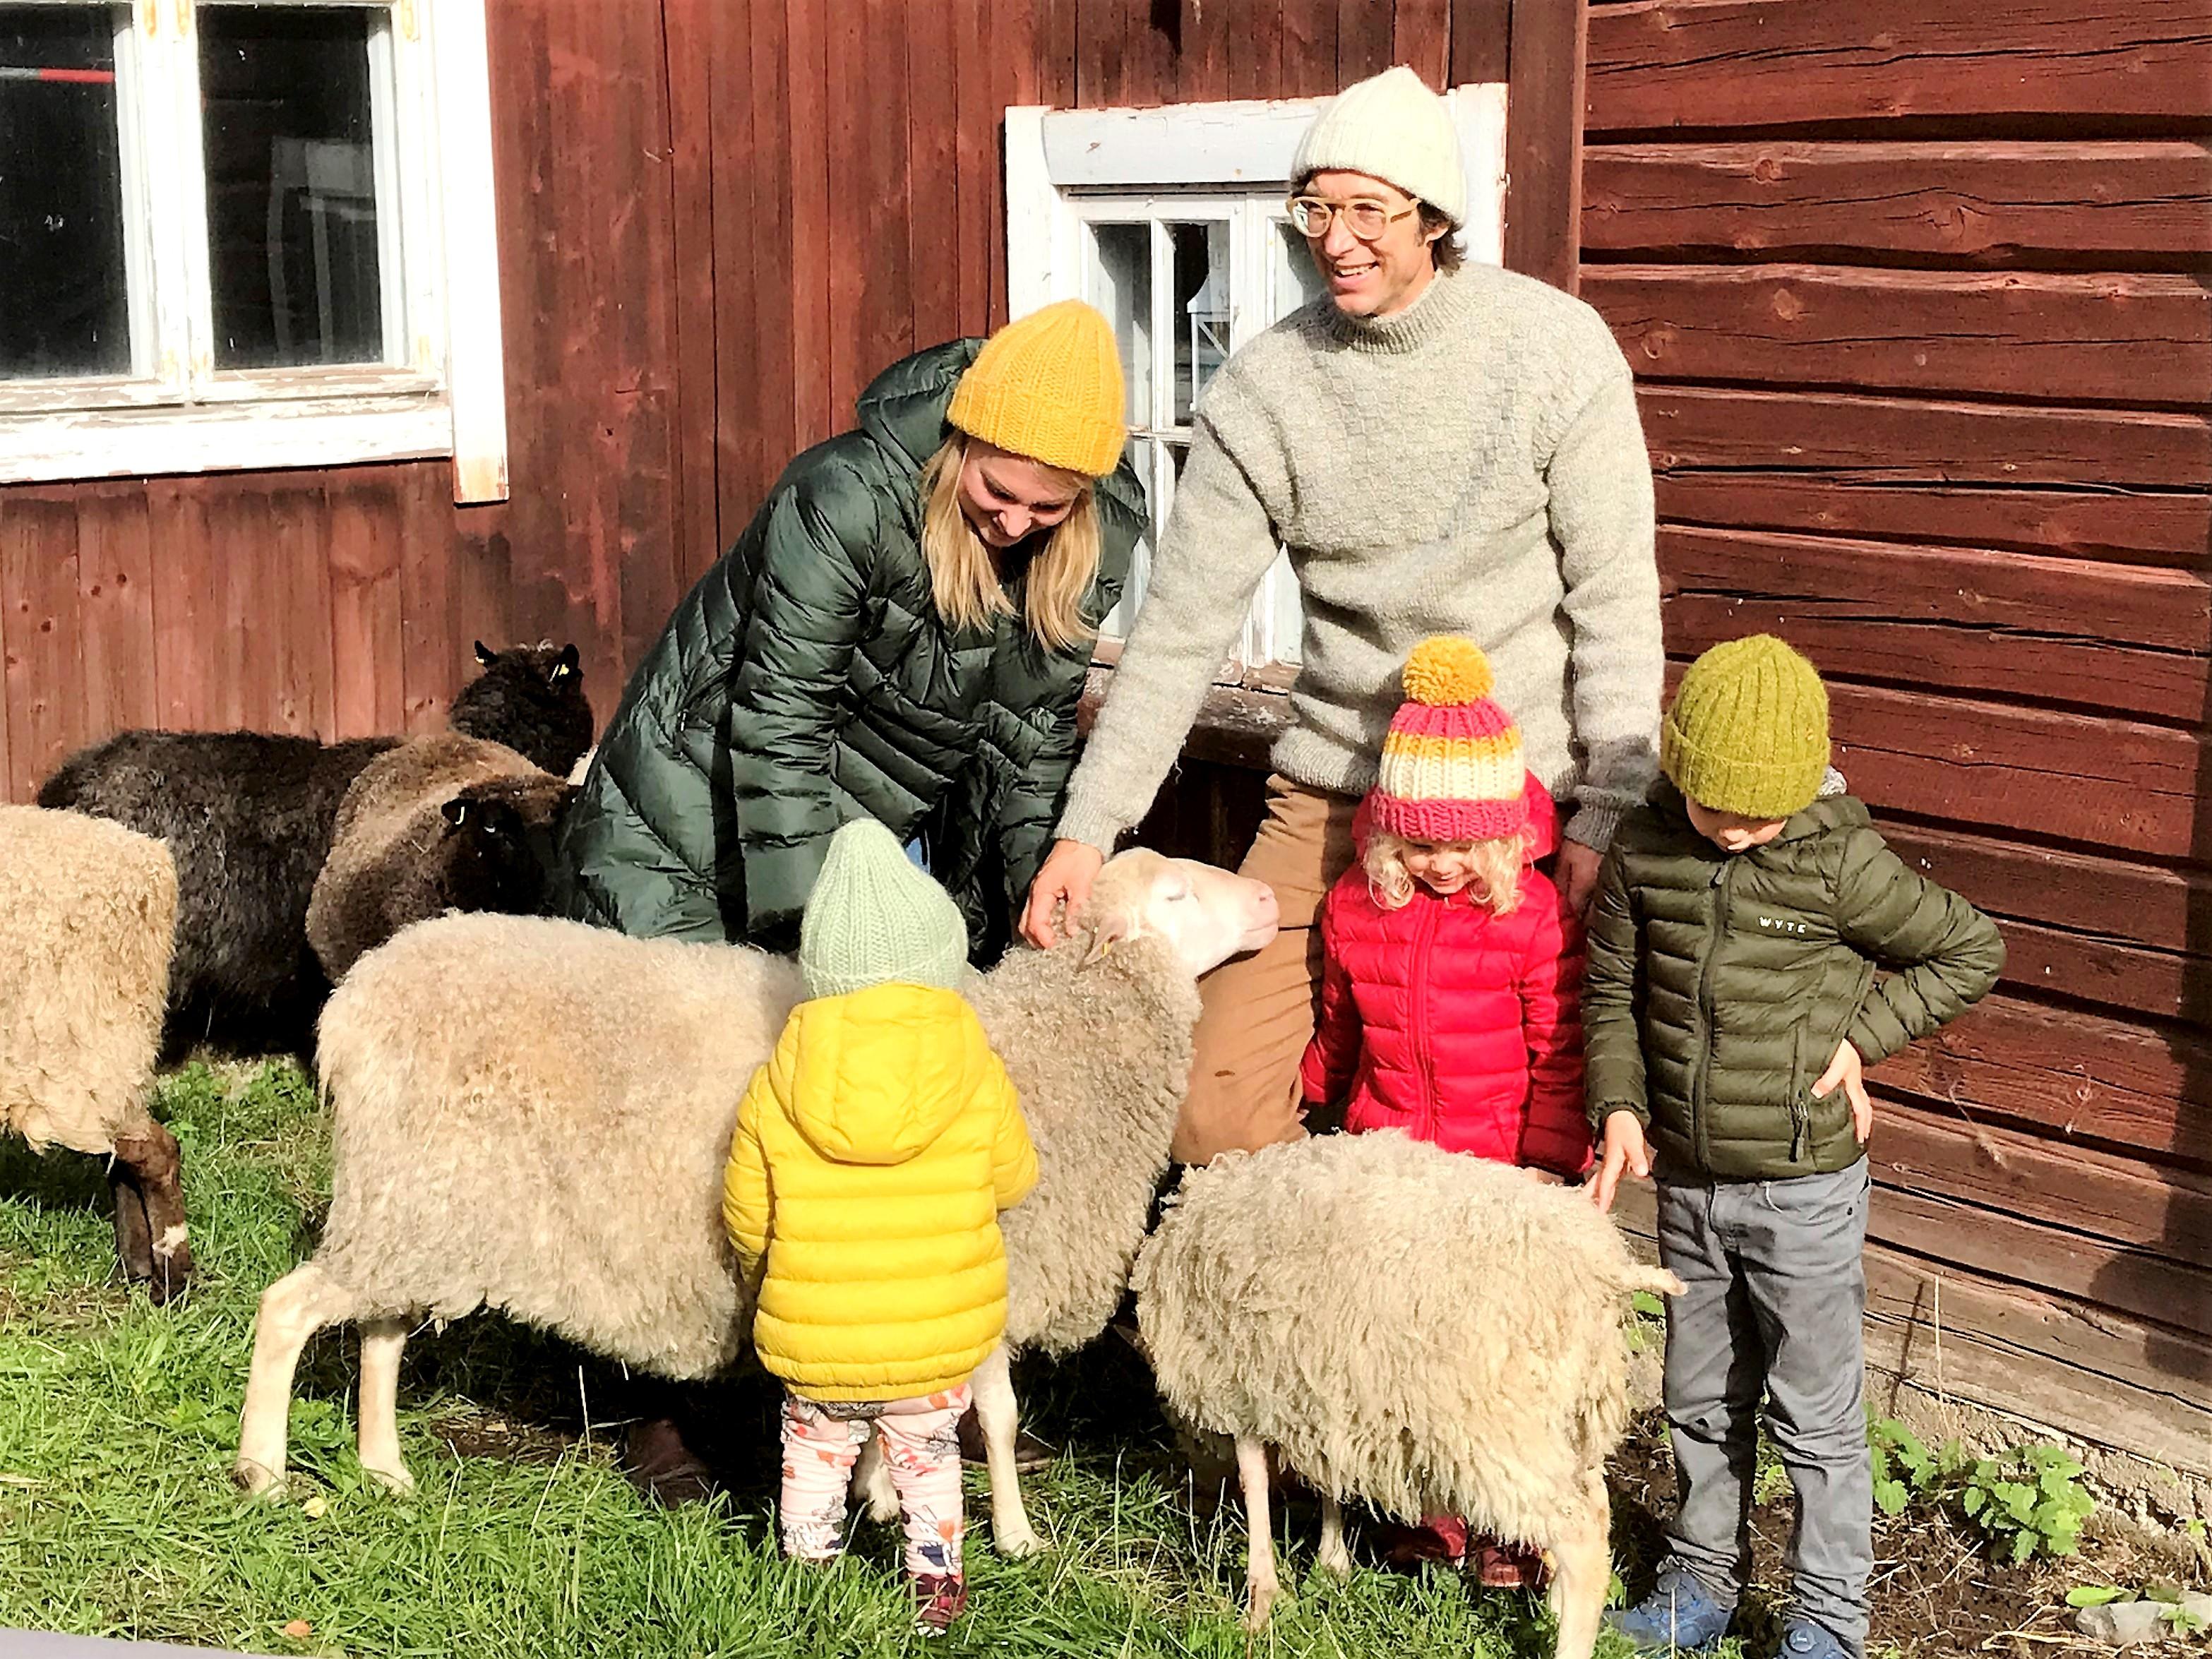 農場やヤンネとアンナのイメージ写真